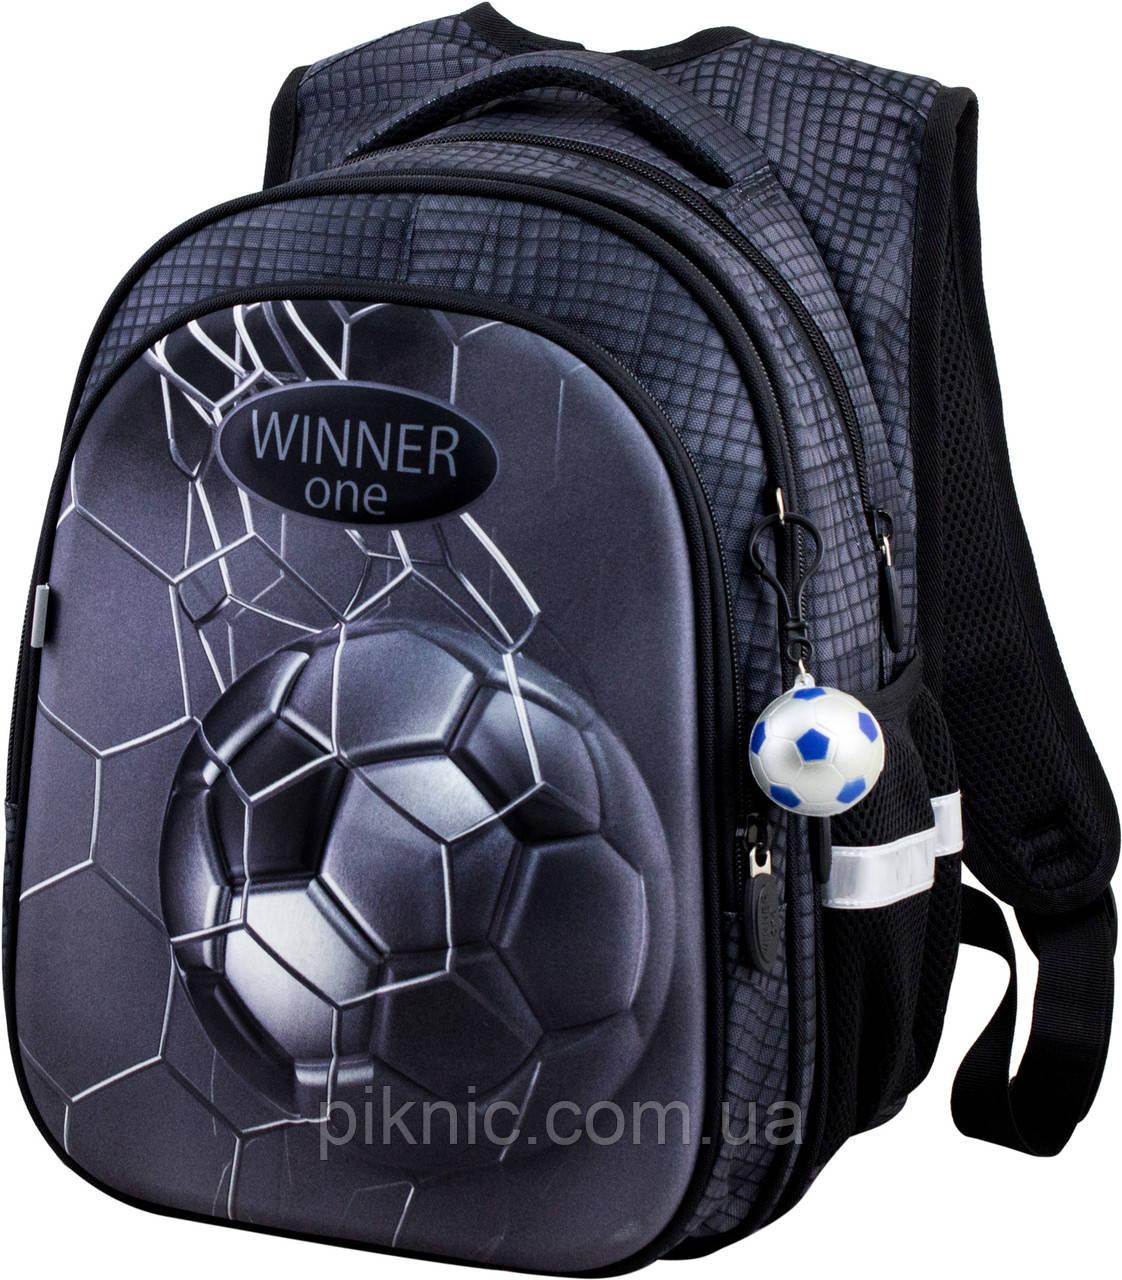 Рюкзак шкільний для хлопчиків Winner One R1-007 Рюкзак портфель ортопедичний 1 клас